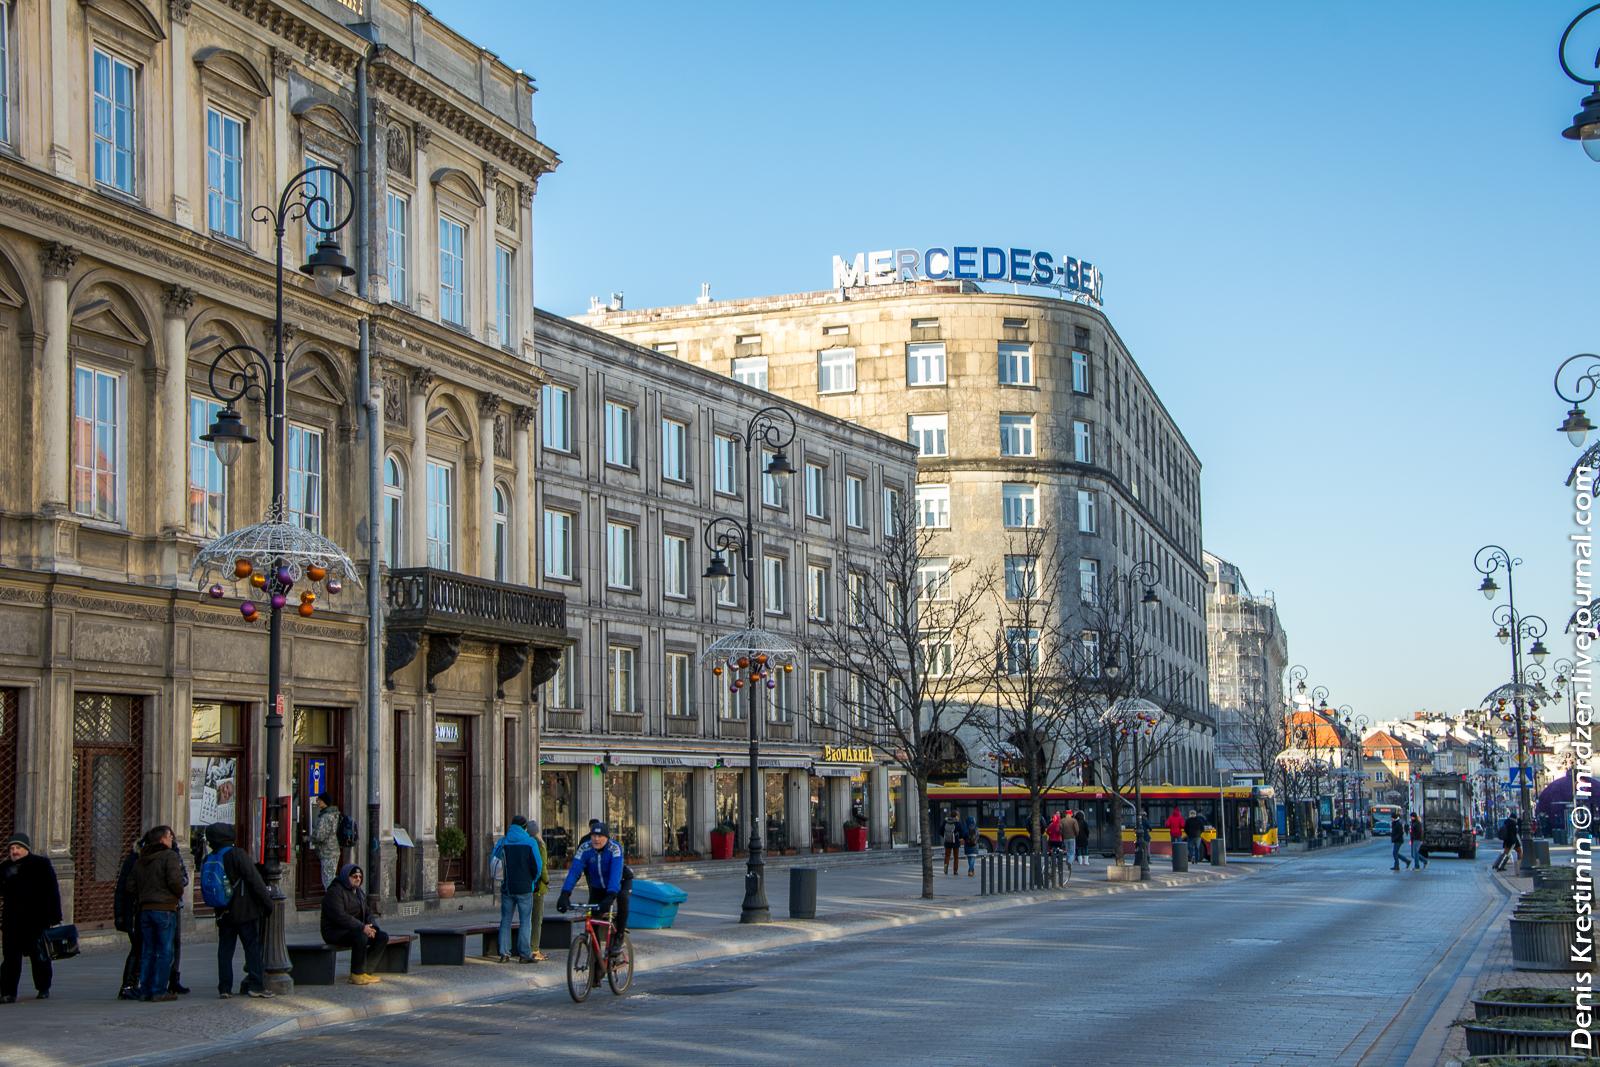 Варшава. Королевский Тракт, ул. Краковское предместье.